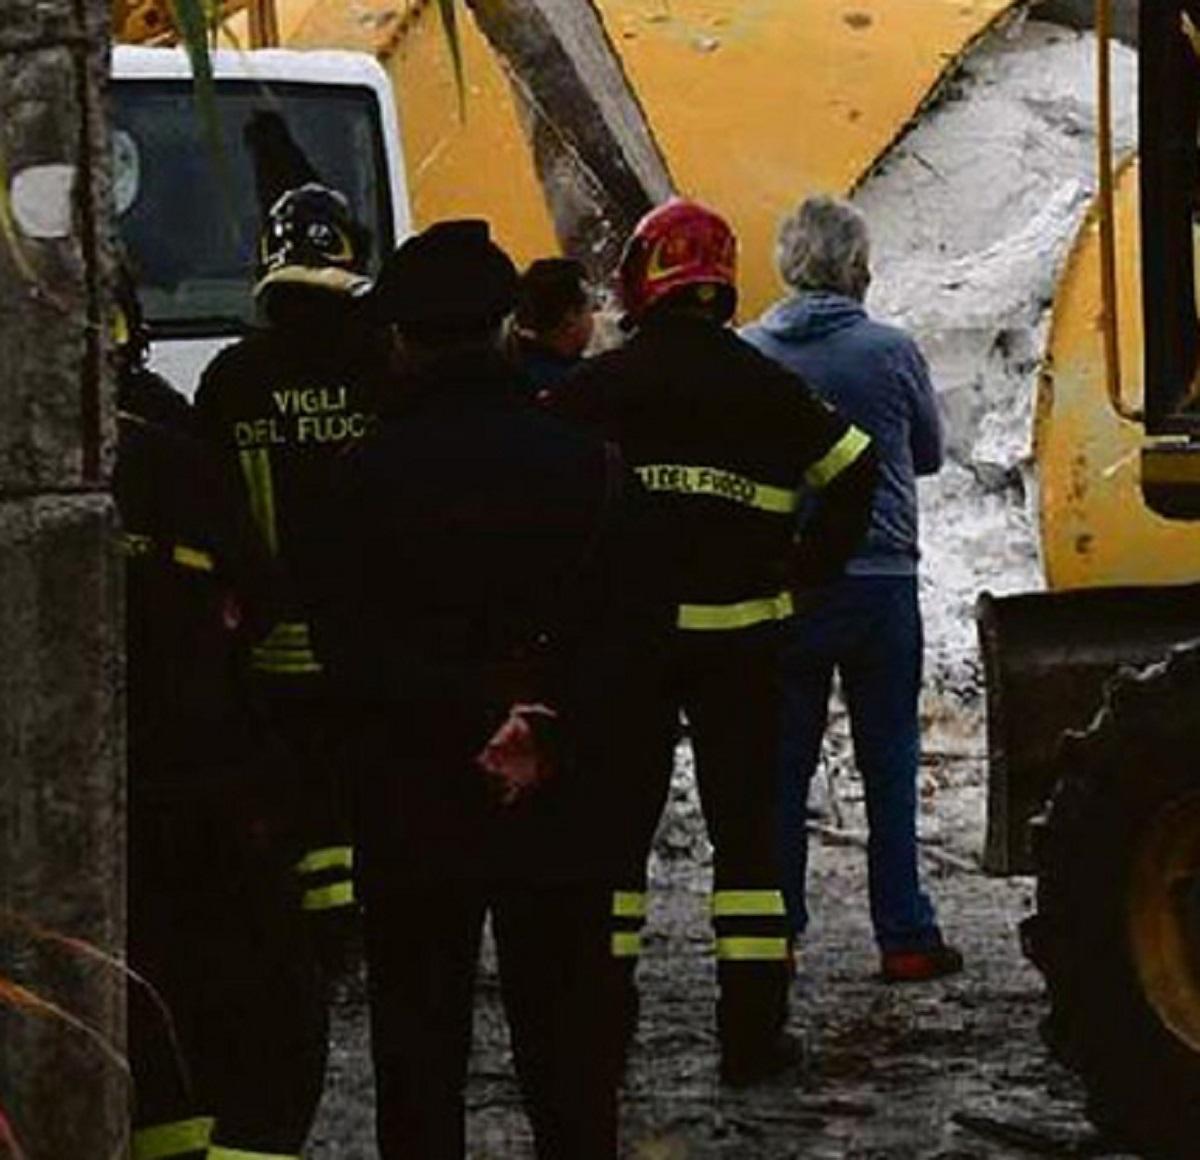 Lecce Fabio Sicuro 39 anni operaio morto incidente solaio